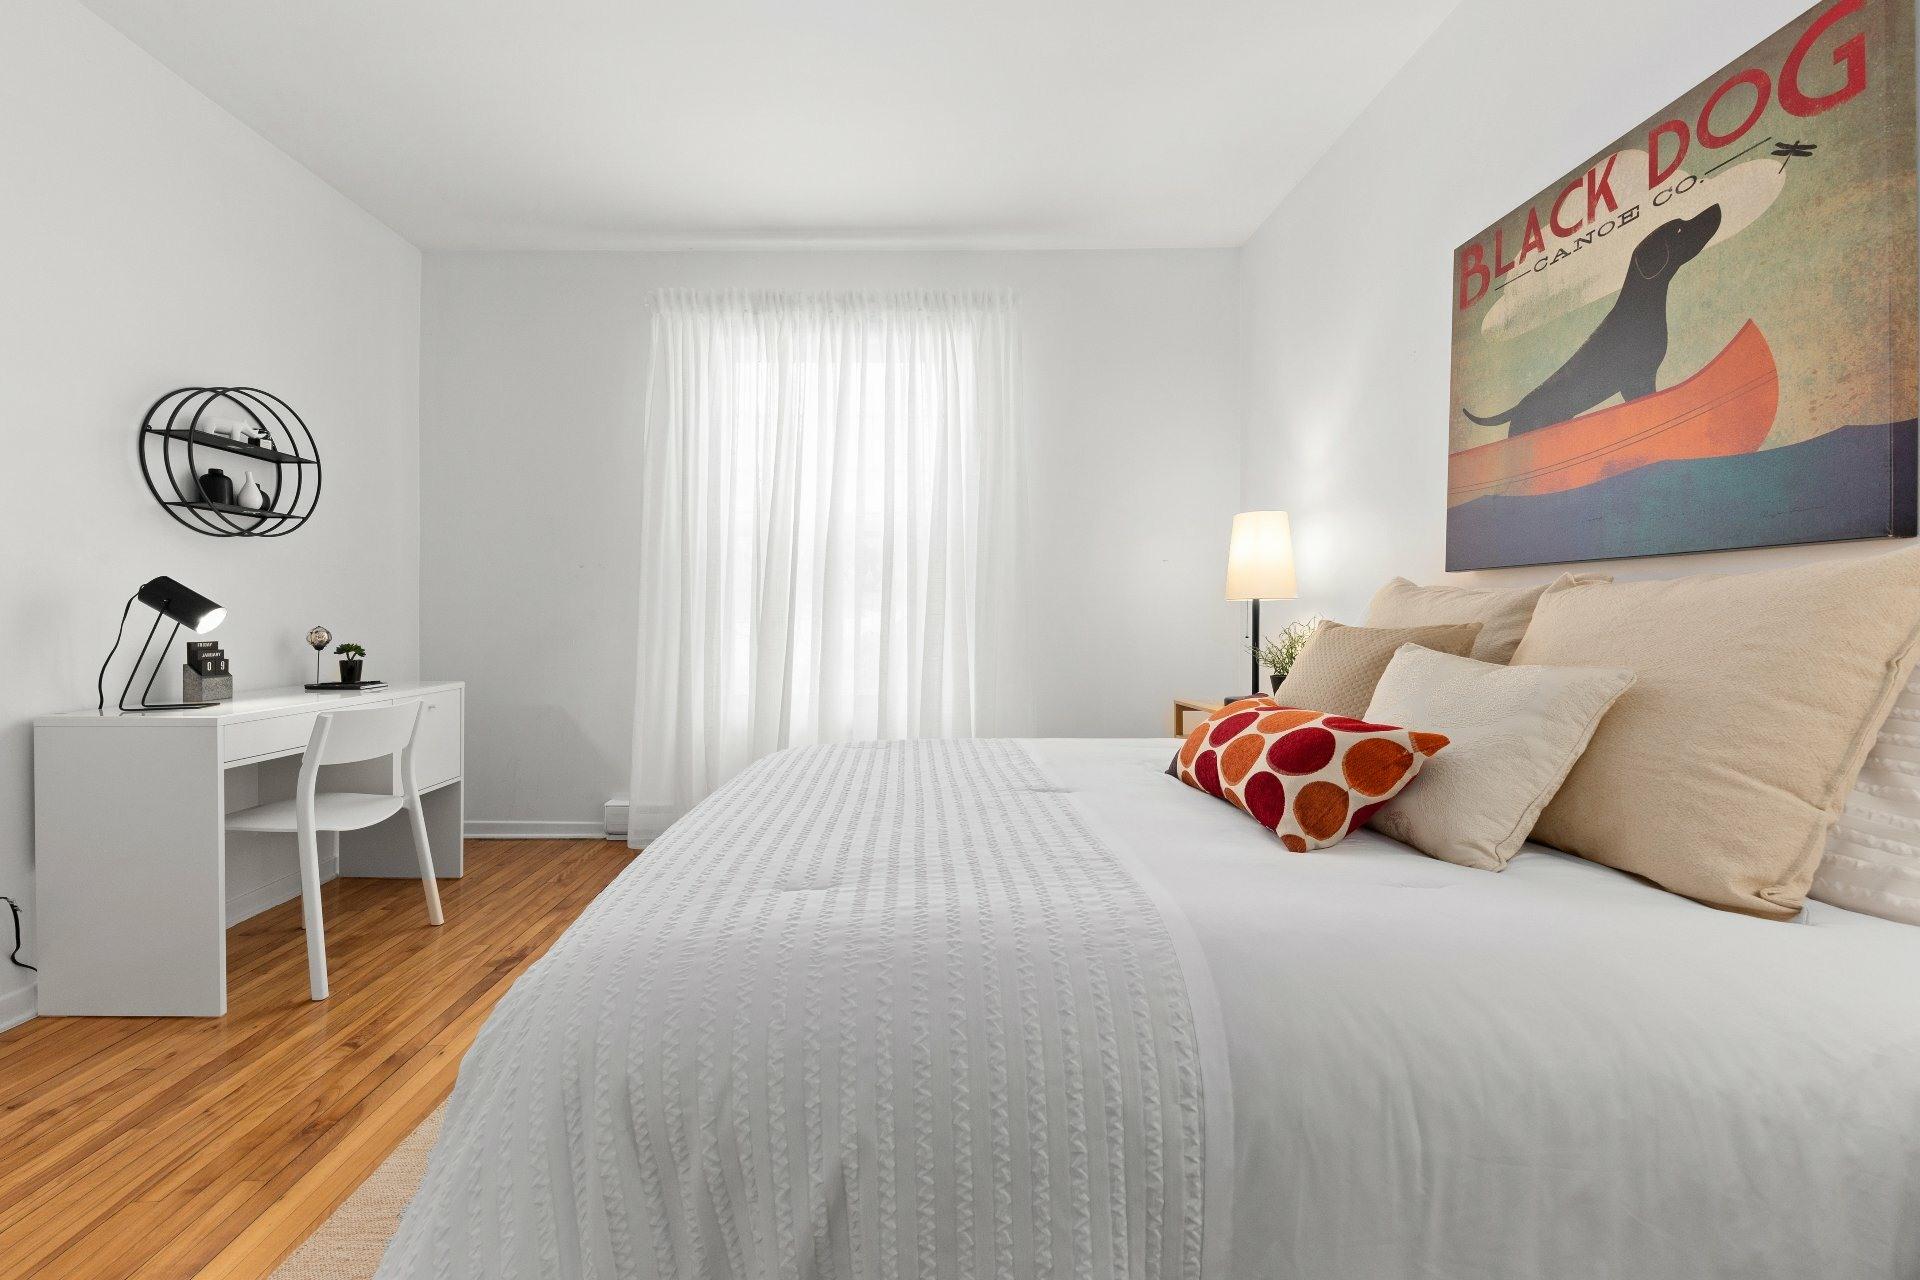 image 18 - Duplex For sale Le Plateau-Mont-Royal Montréal  - 5 rooms